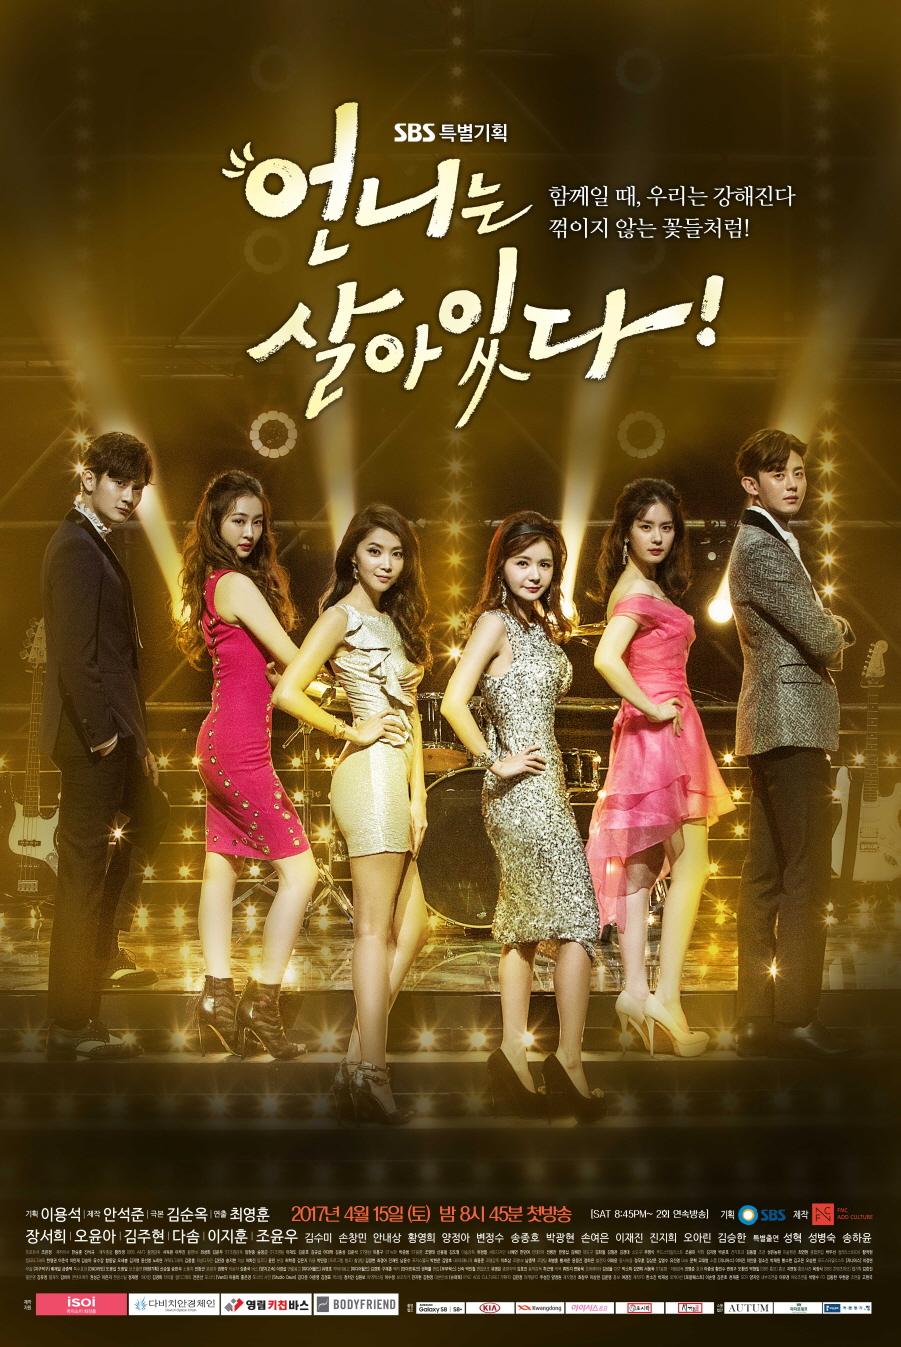 Nonton drama korea Unni Is Alive sub indo 2017